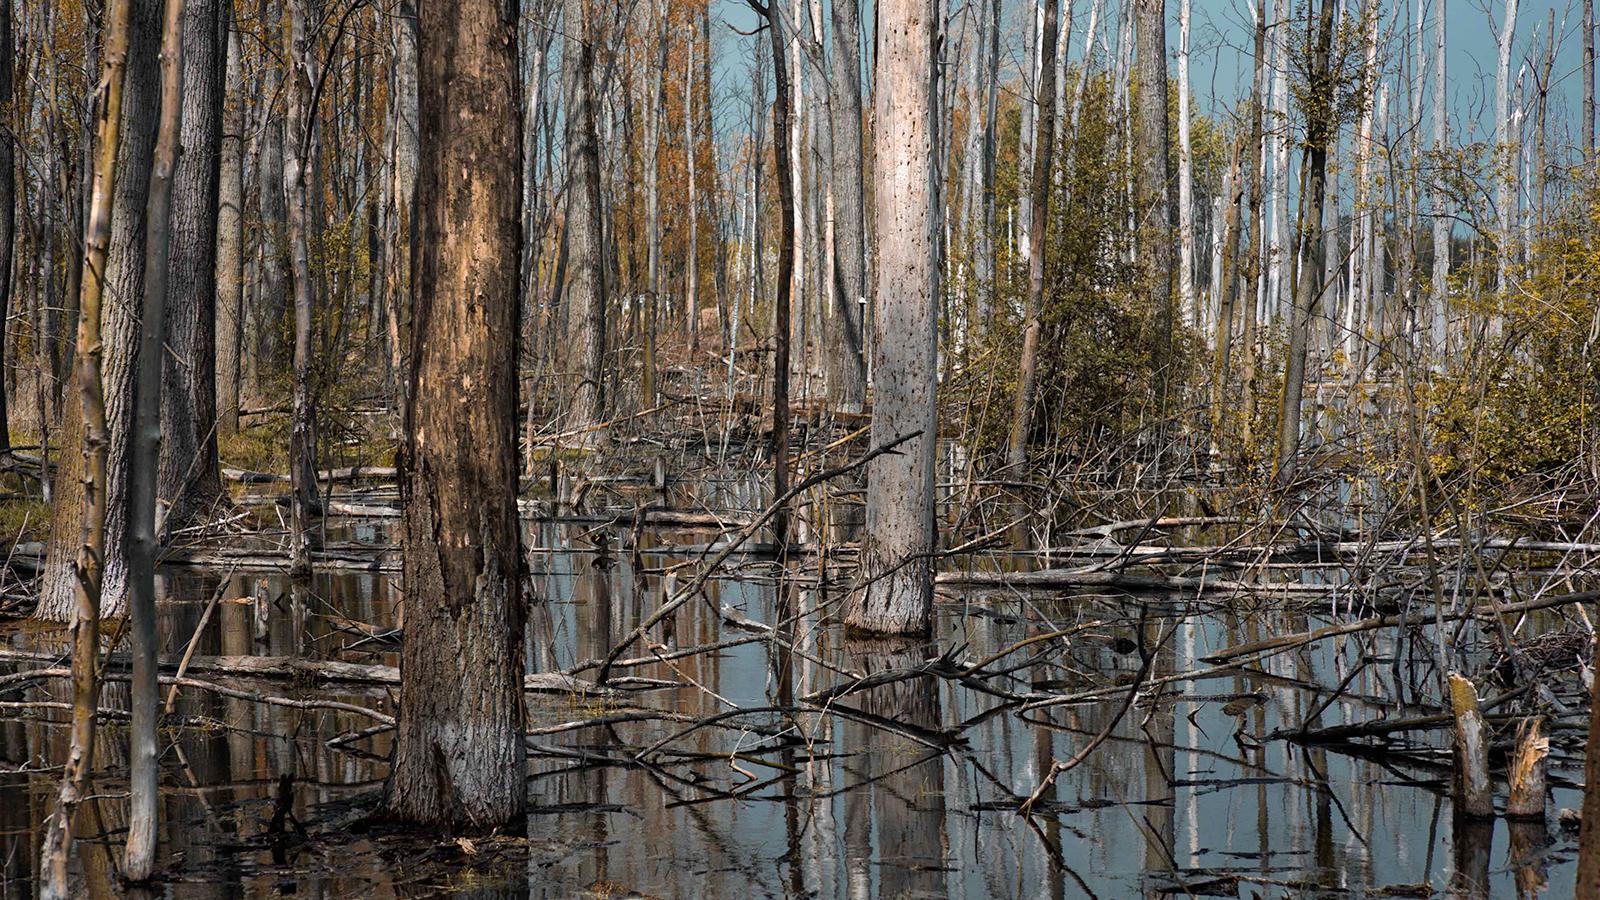 Científico acuña término «pedos de árboles» para referirse a emisiones de gases de los bosques fantasmas